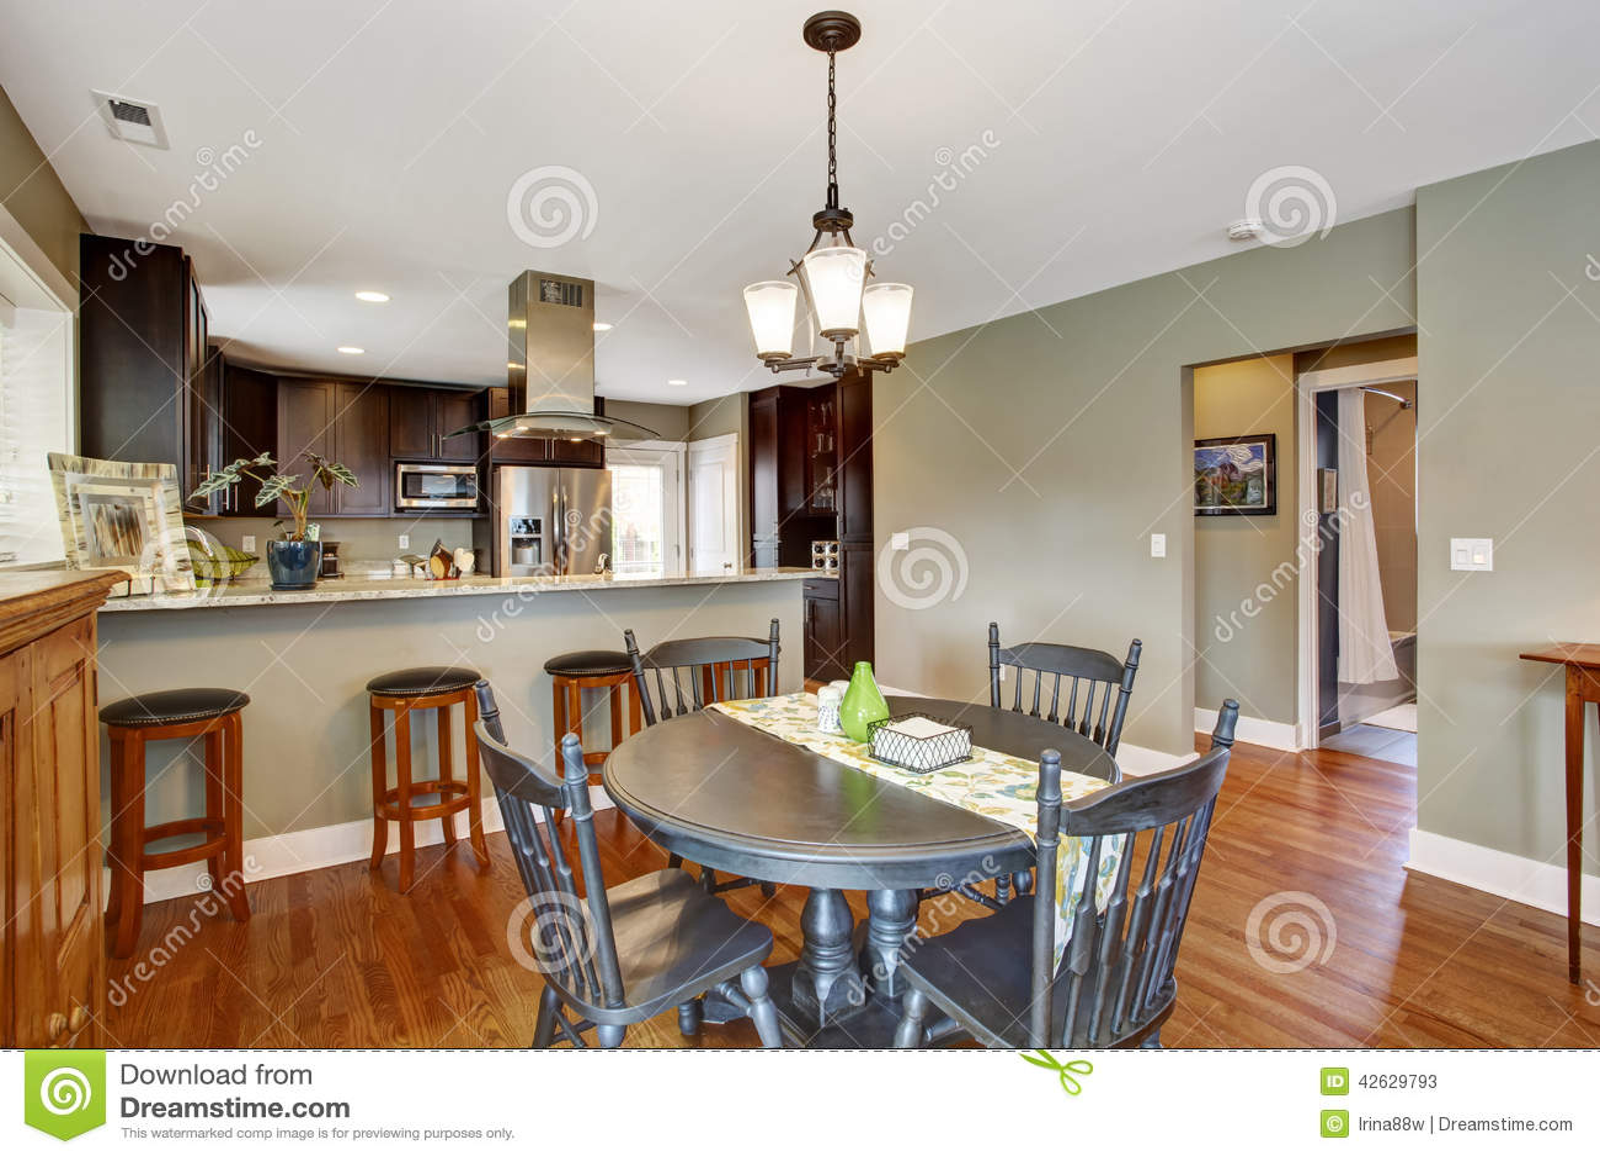 pi ce de cuisine de brun sombre avec la salle manger photo stock image 42629793. Black Bedroom Furniture Sets. Home Design Ideas